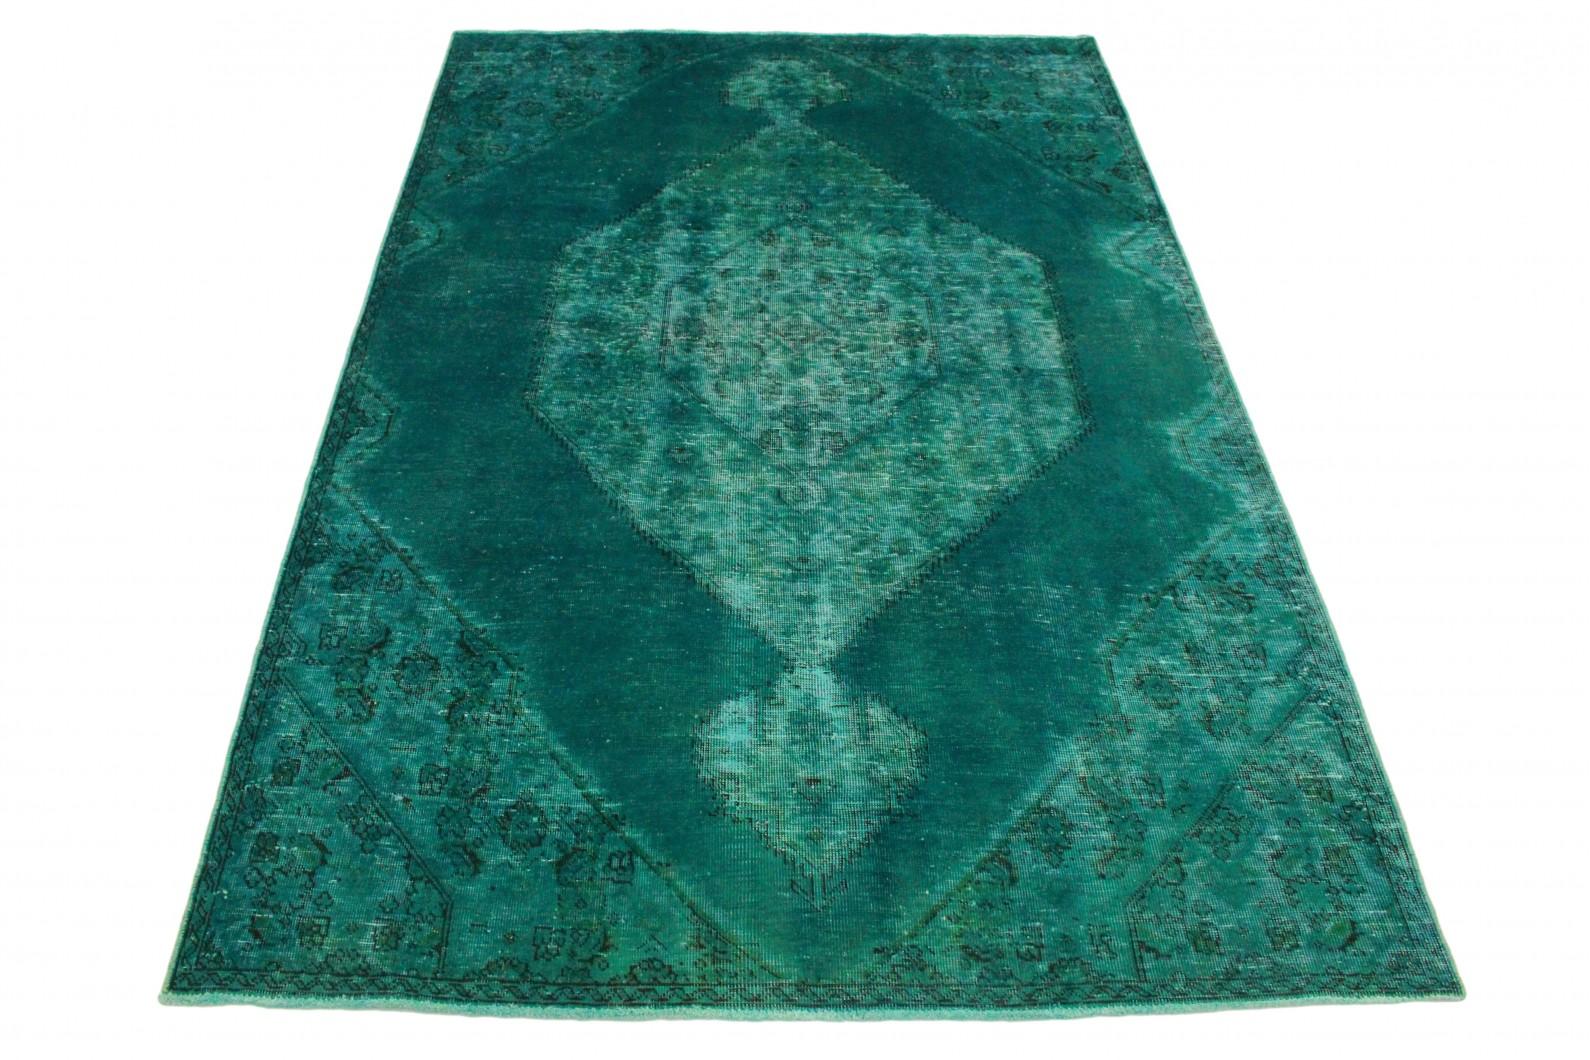 Vintage Teppich Türkis in 280x190 (1 / 4)